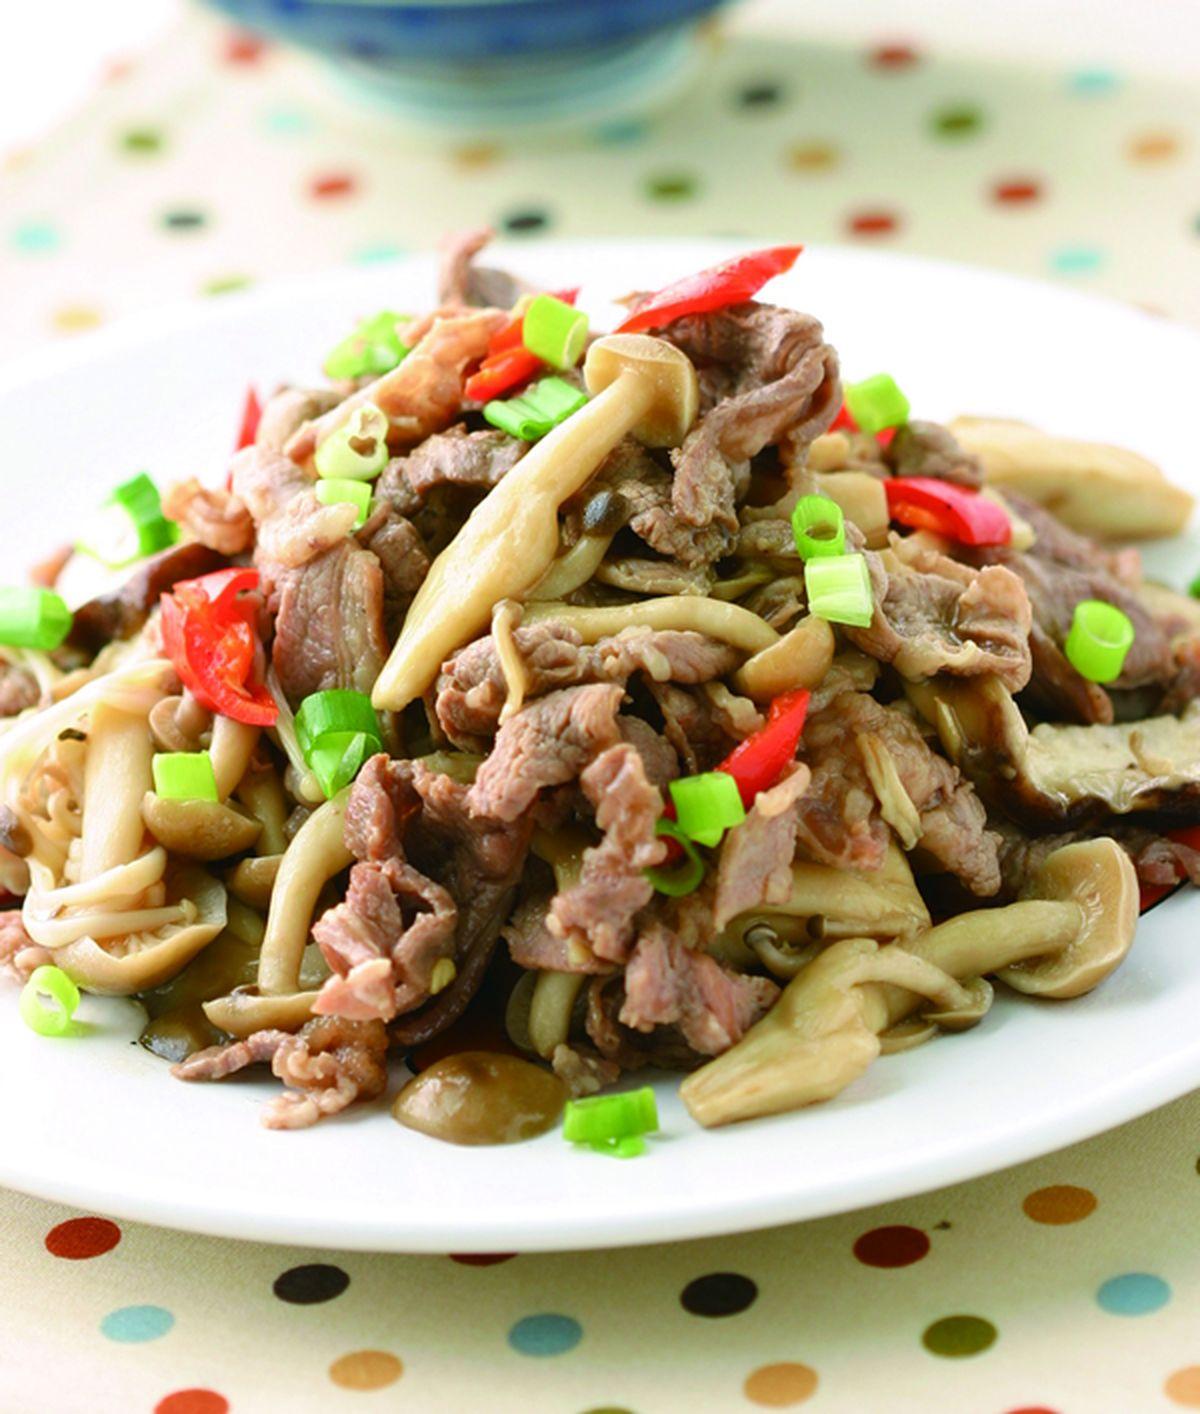 食譜:養生菇羊肉片